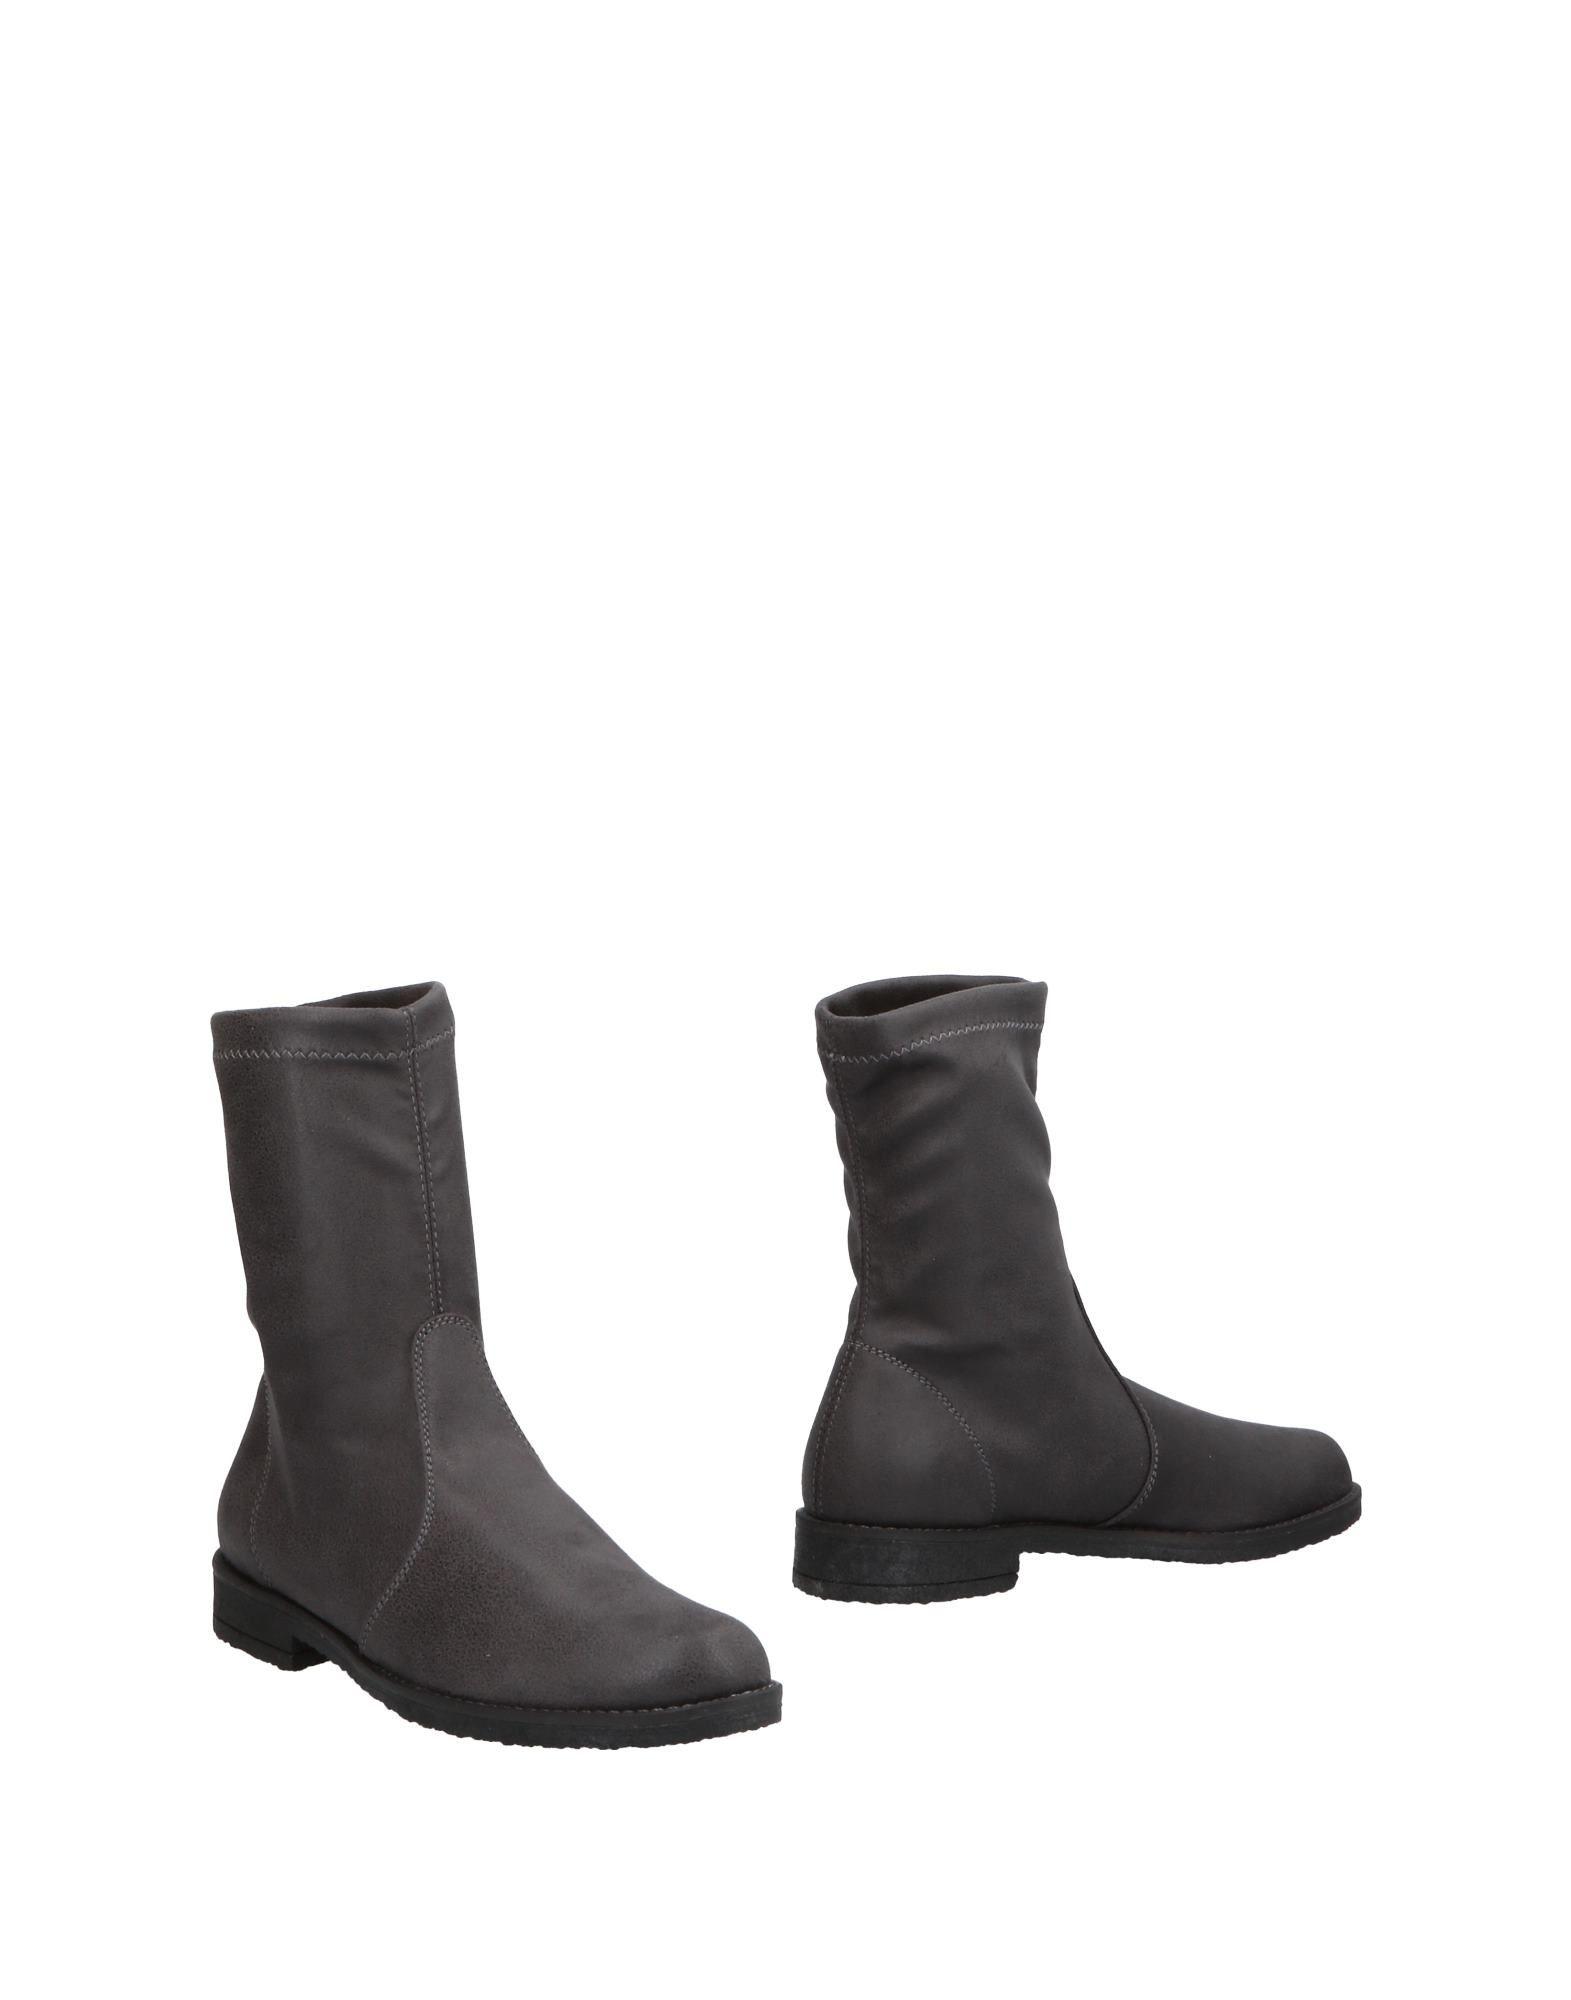 Nr Rapisardi Stiefelette Damen  11503681NL Gute Qualität beliebte Schuhe